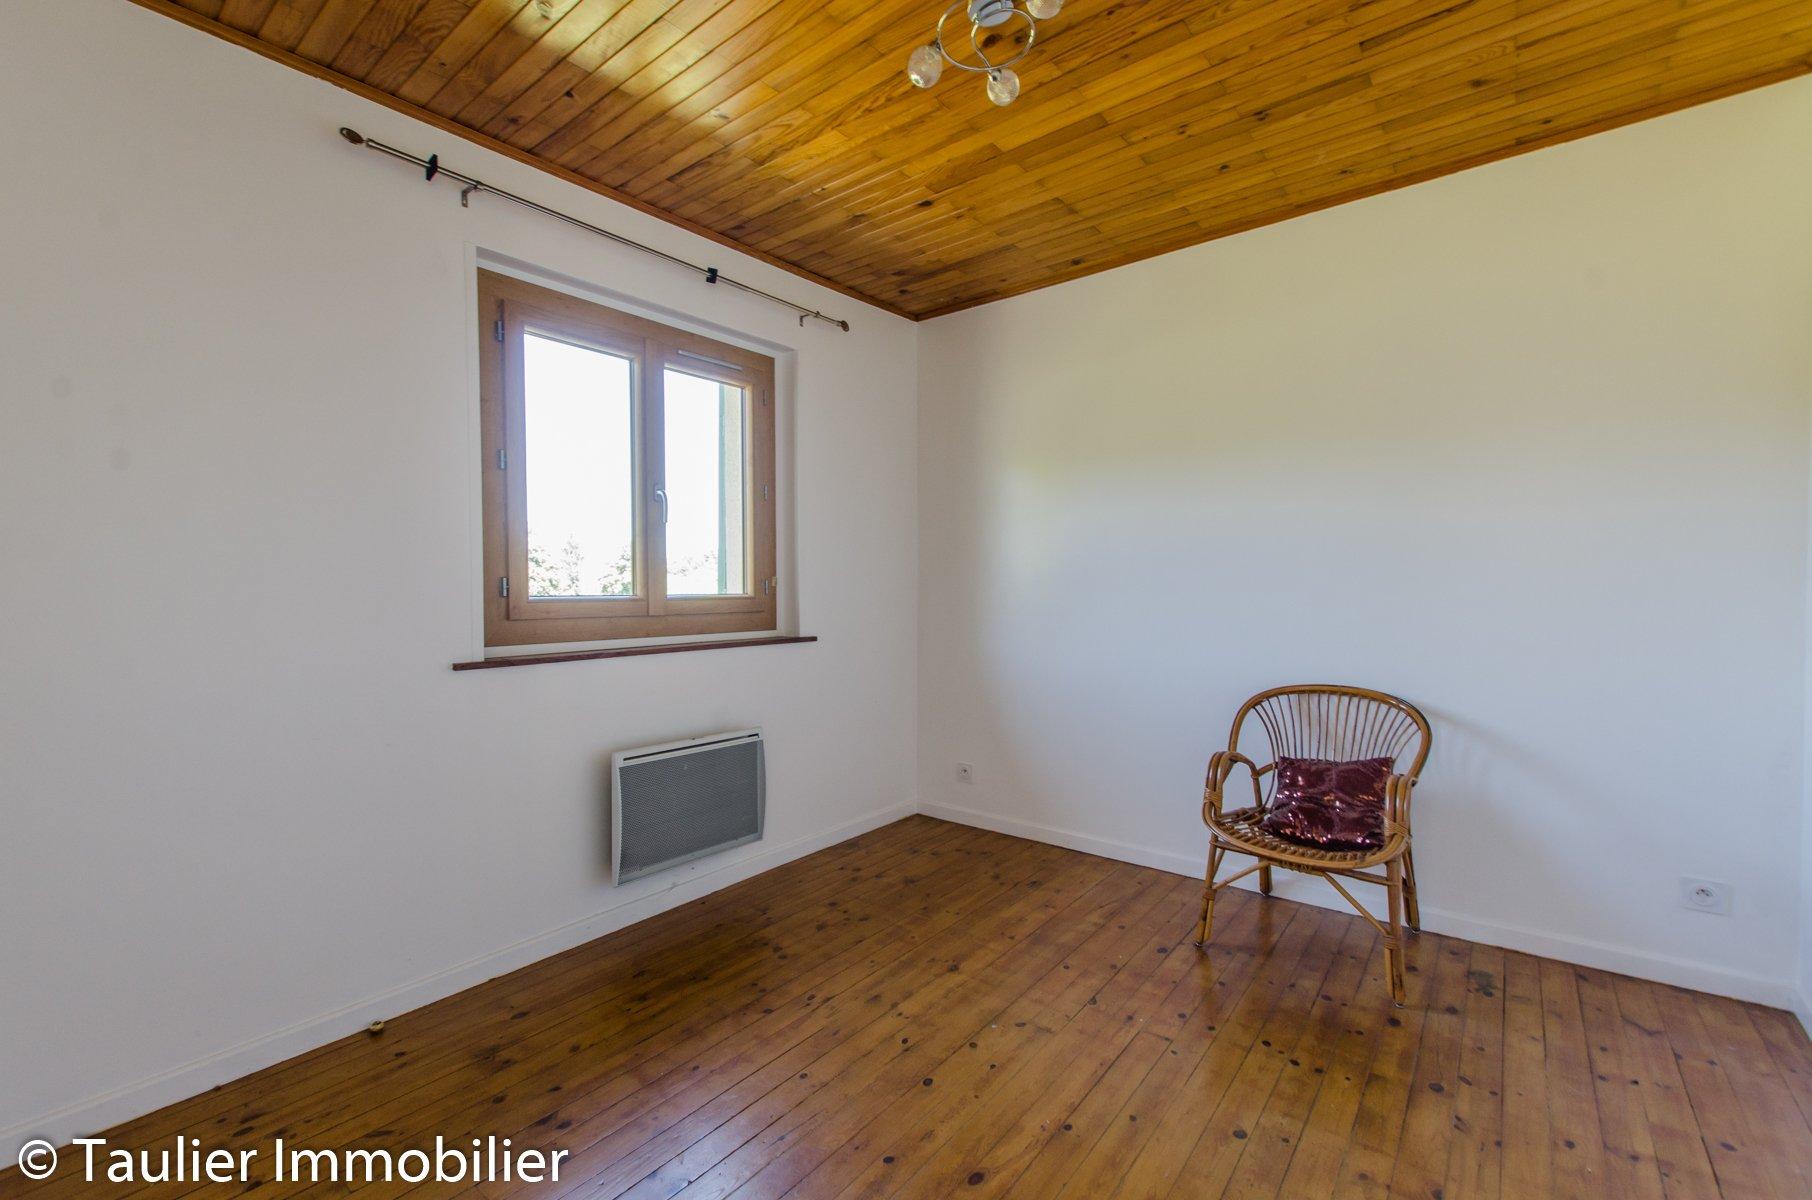 Maison avec 2 appartements indépendants